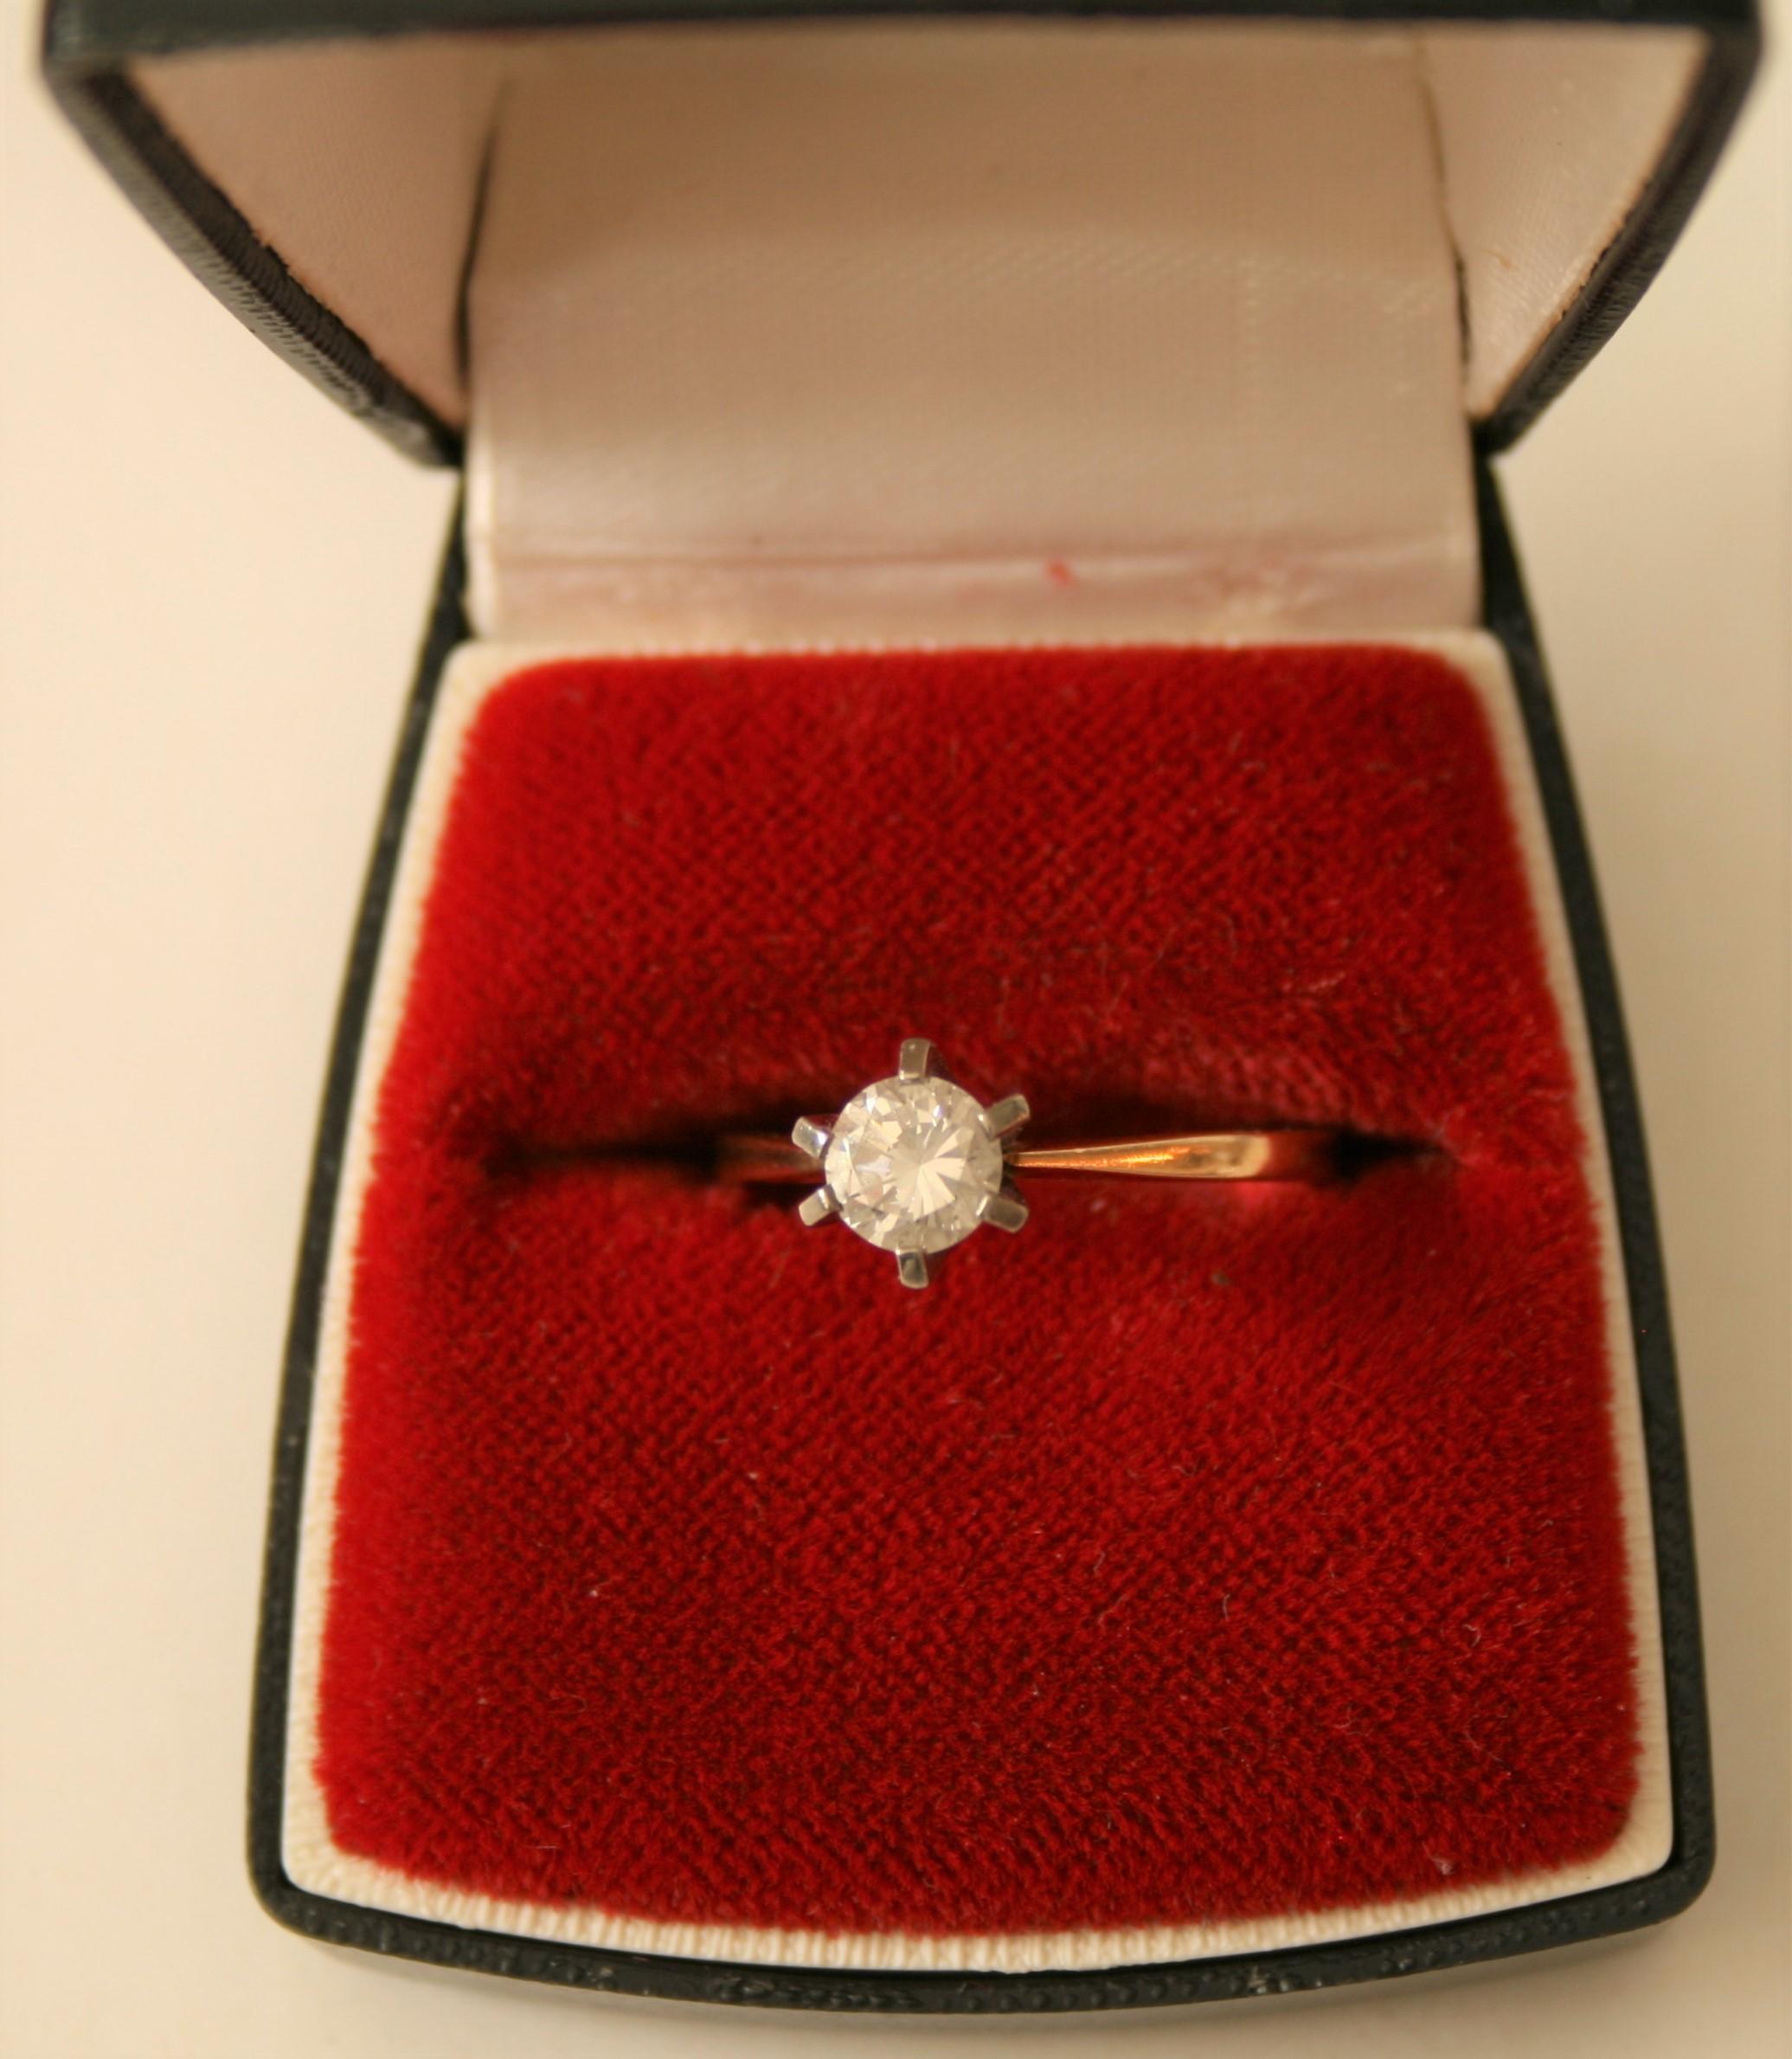 Bague en or jaune 18ct sertie d'un diamant solitaire de 0,45 ct - Poids brut : 3,53 [...]